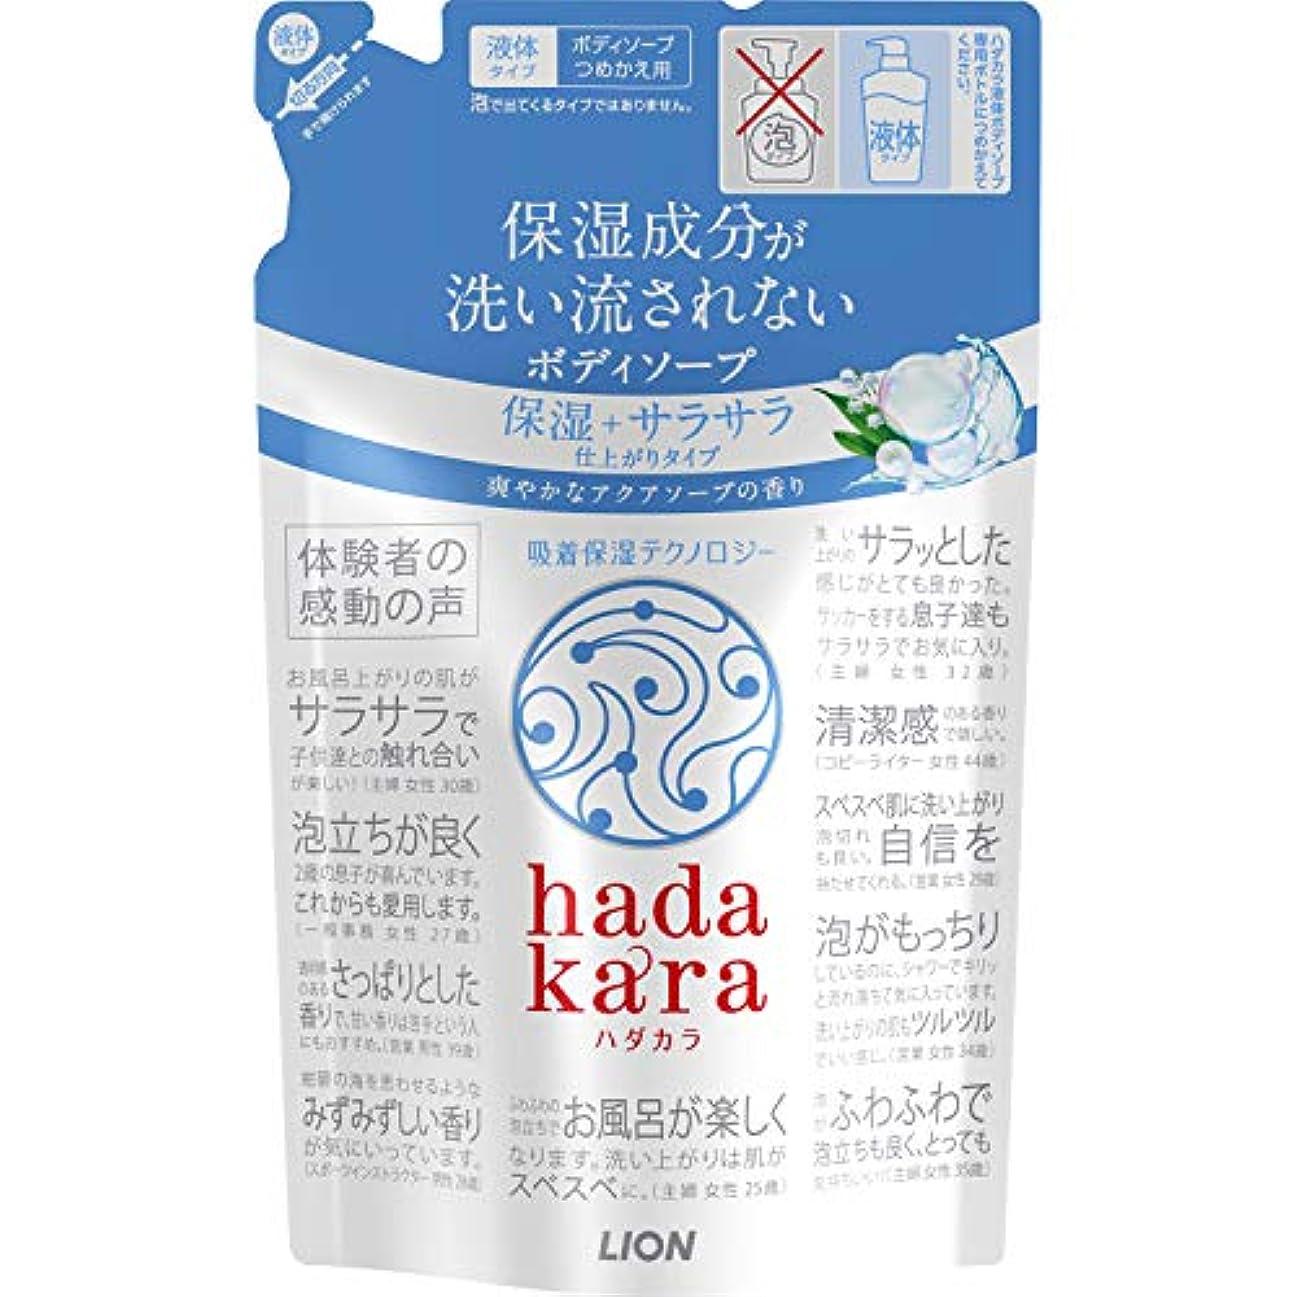 電気的ペッカディロ形成hadakara(ハダカラ) ボディソープ 保湿+サラサラ仕上がりタイプ アクアソープの香り 詰め替え 340ml